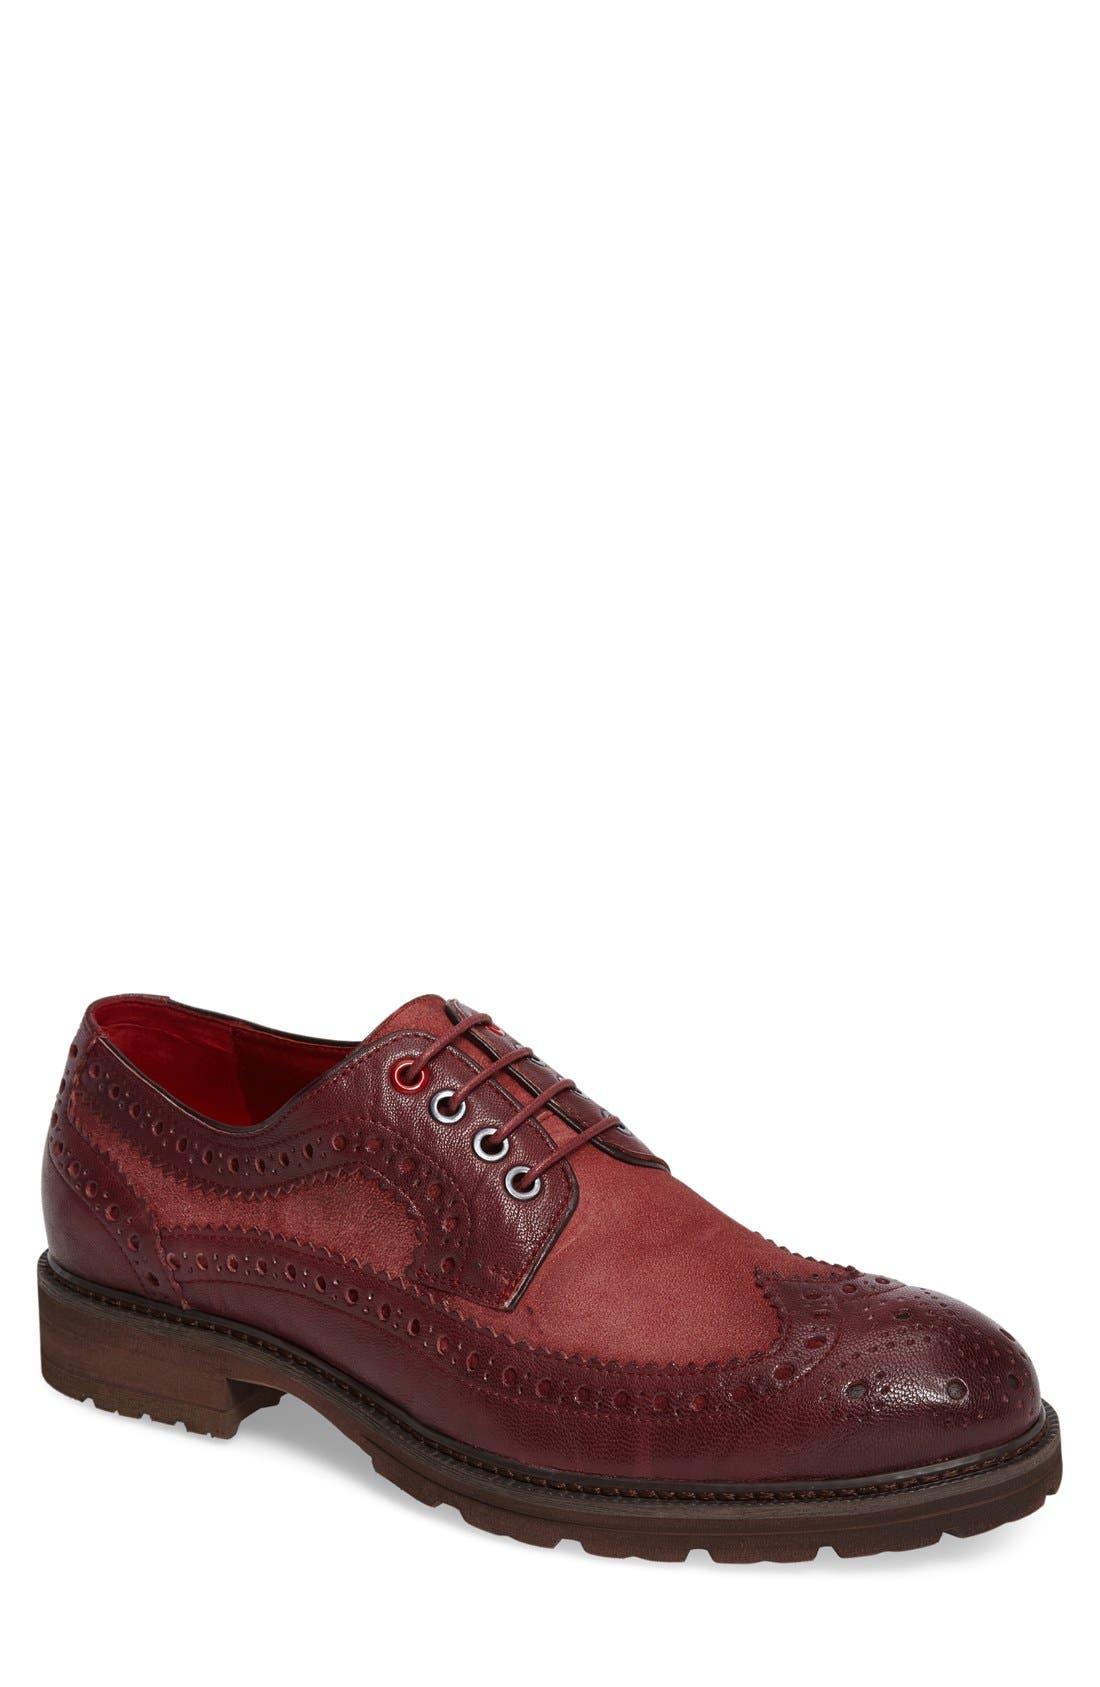 JUMP Bleecker Spectator Shoe